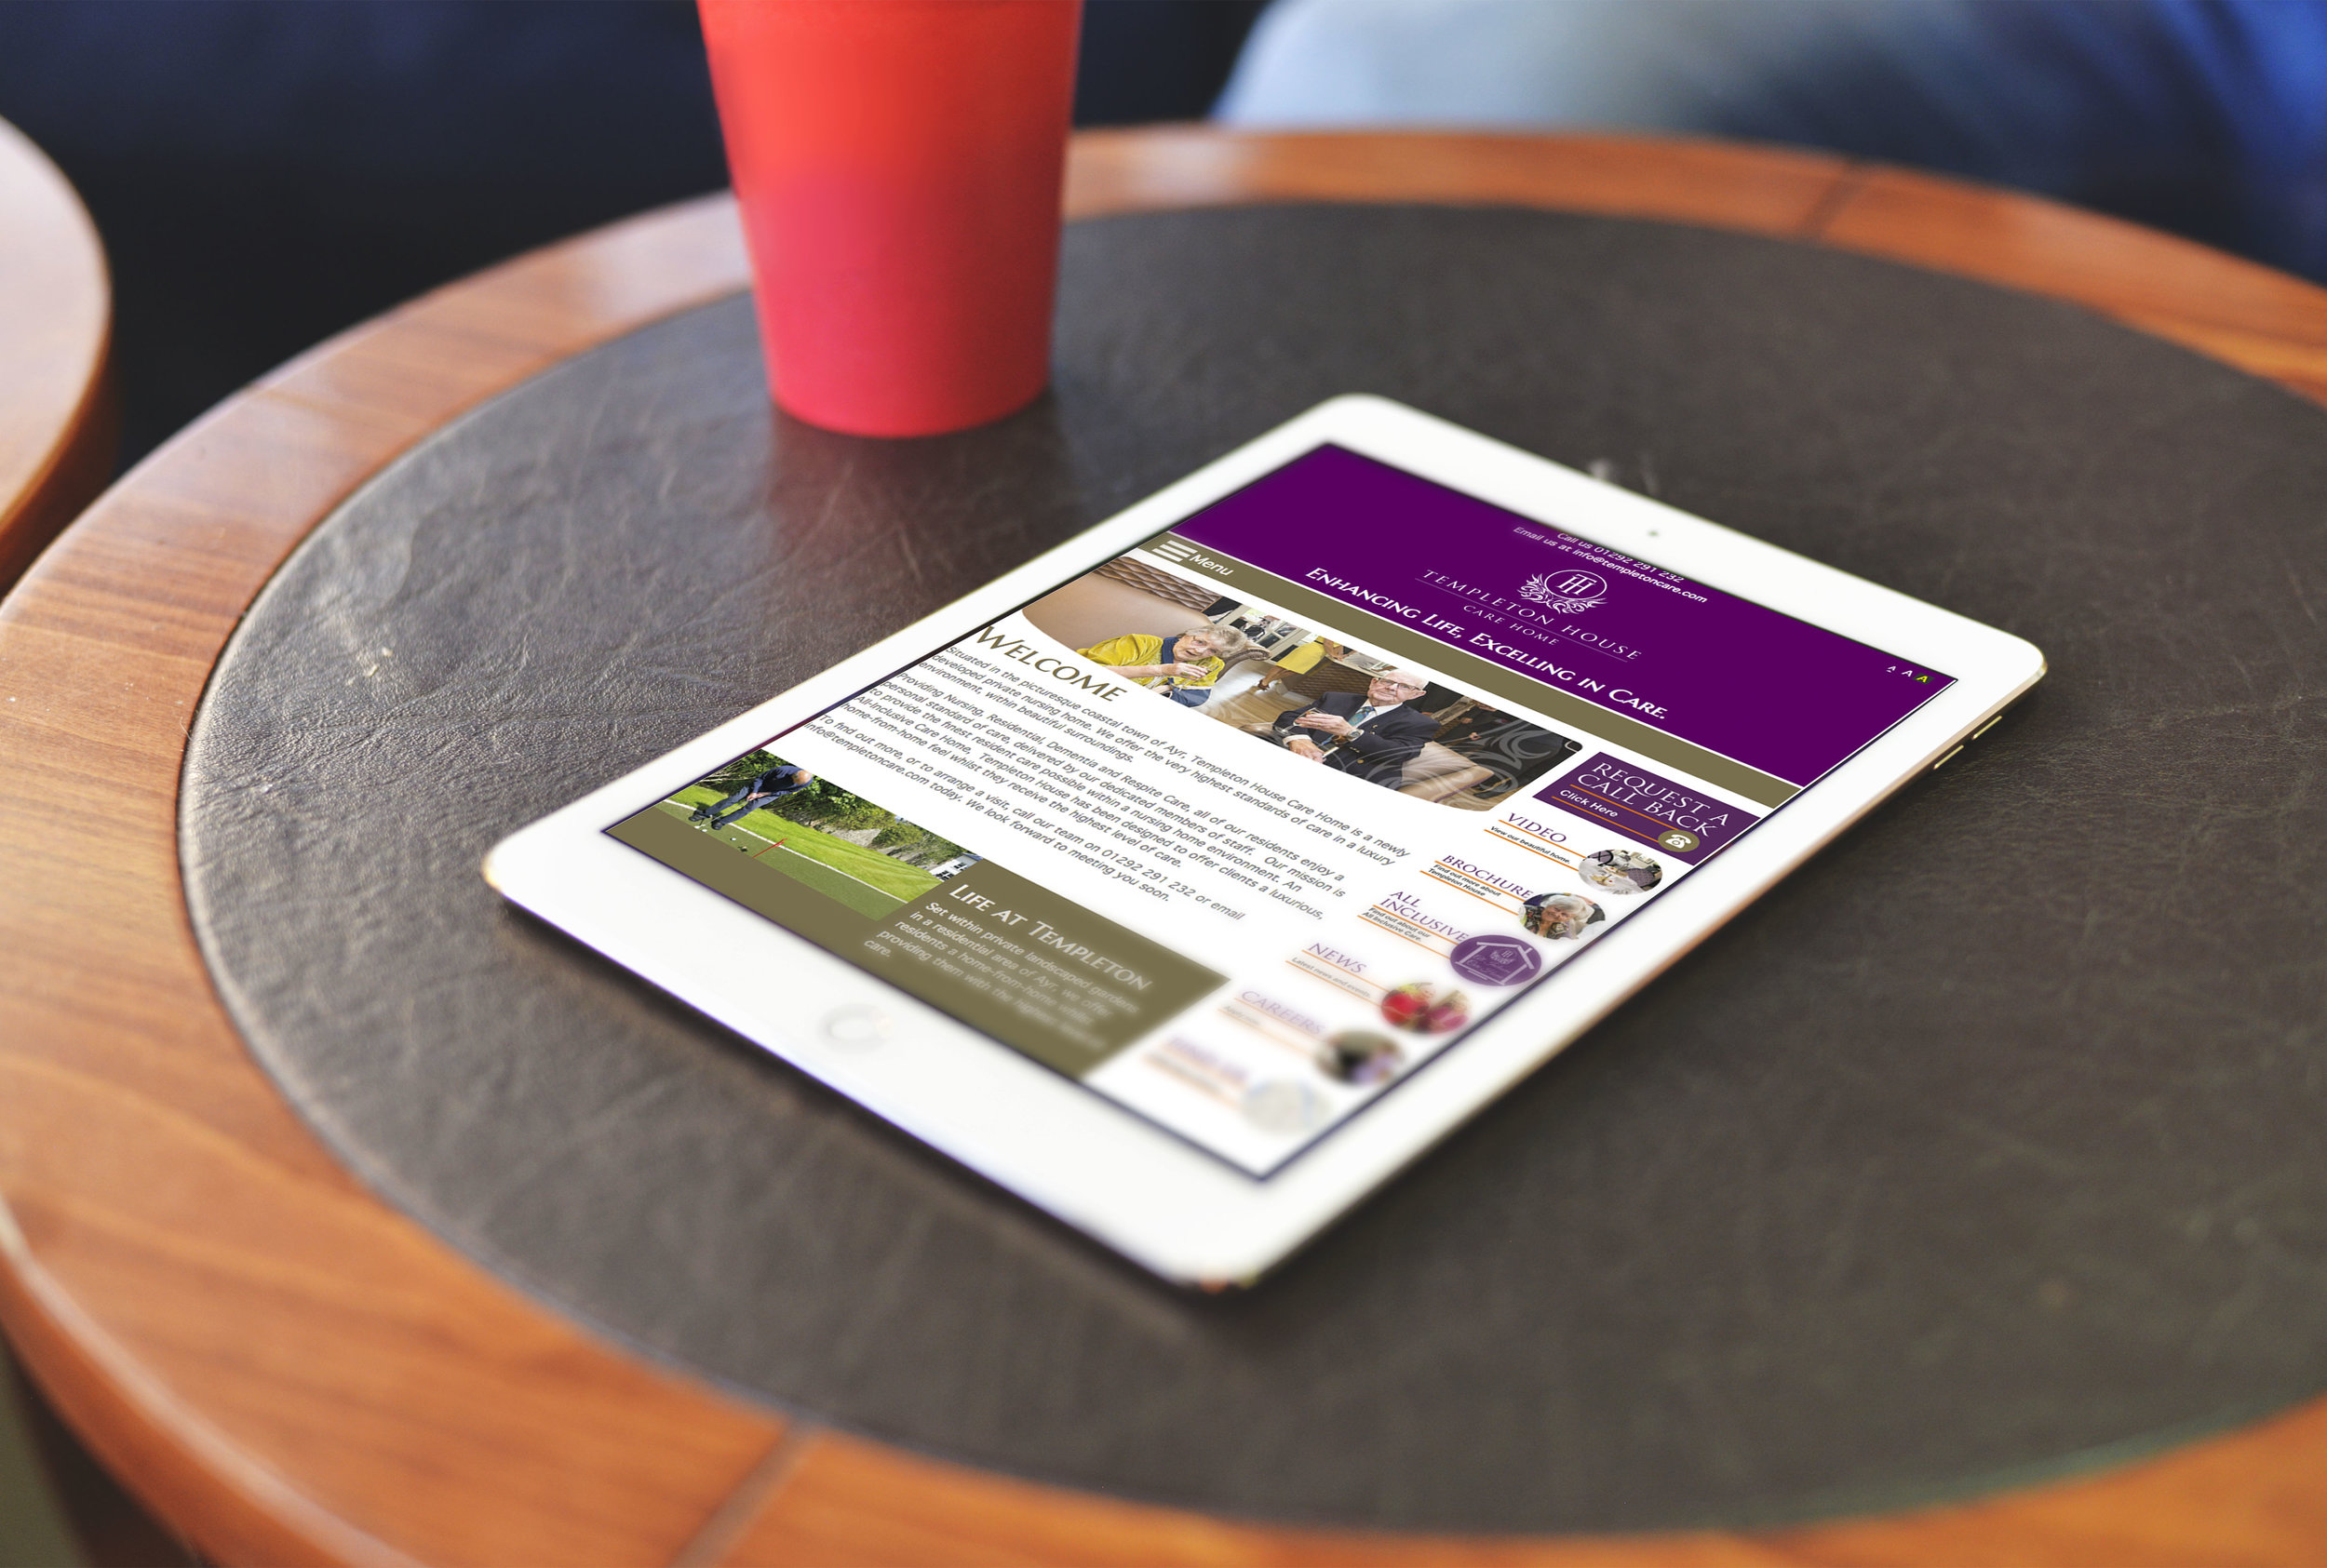 TempletonWeb iPad.jpg